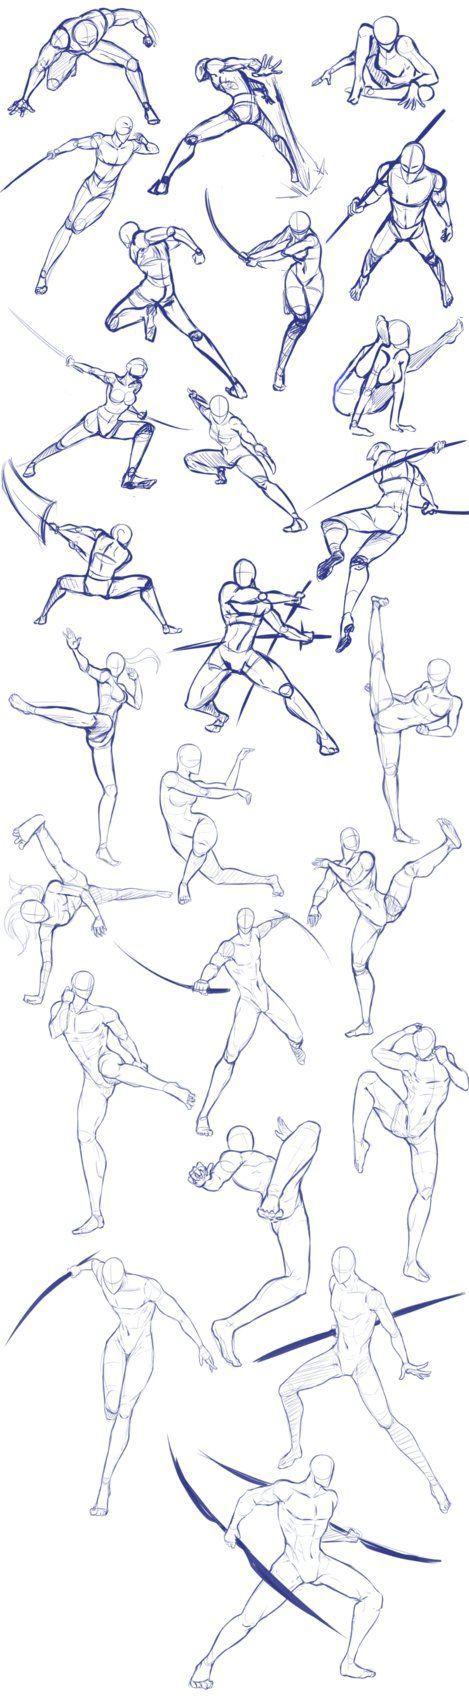 Batalla / poses de acción por Antarija